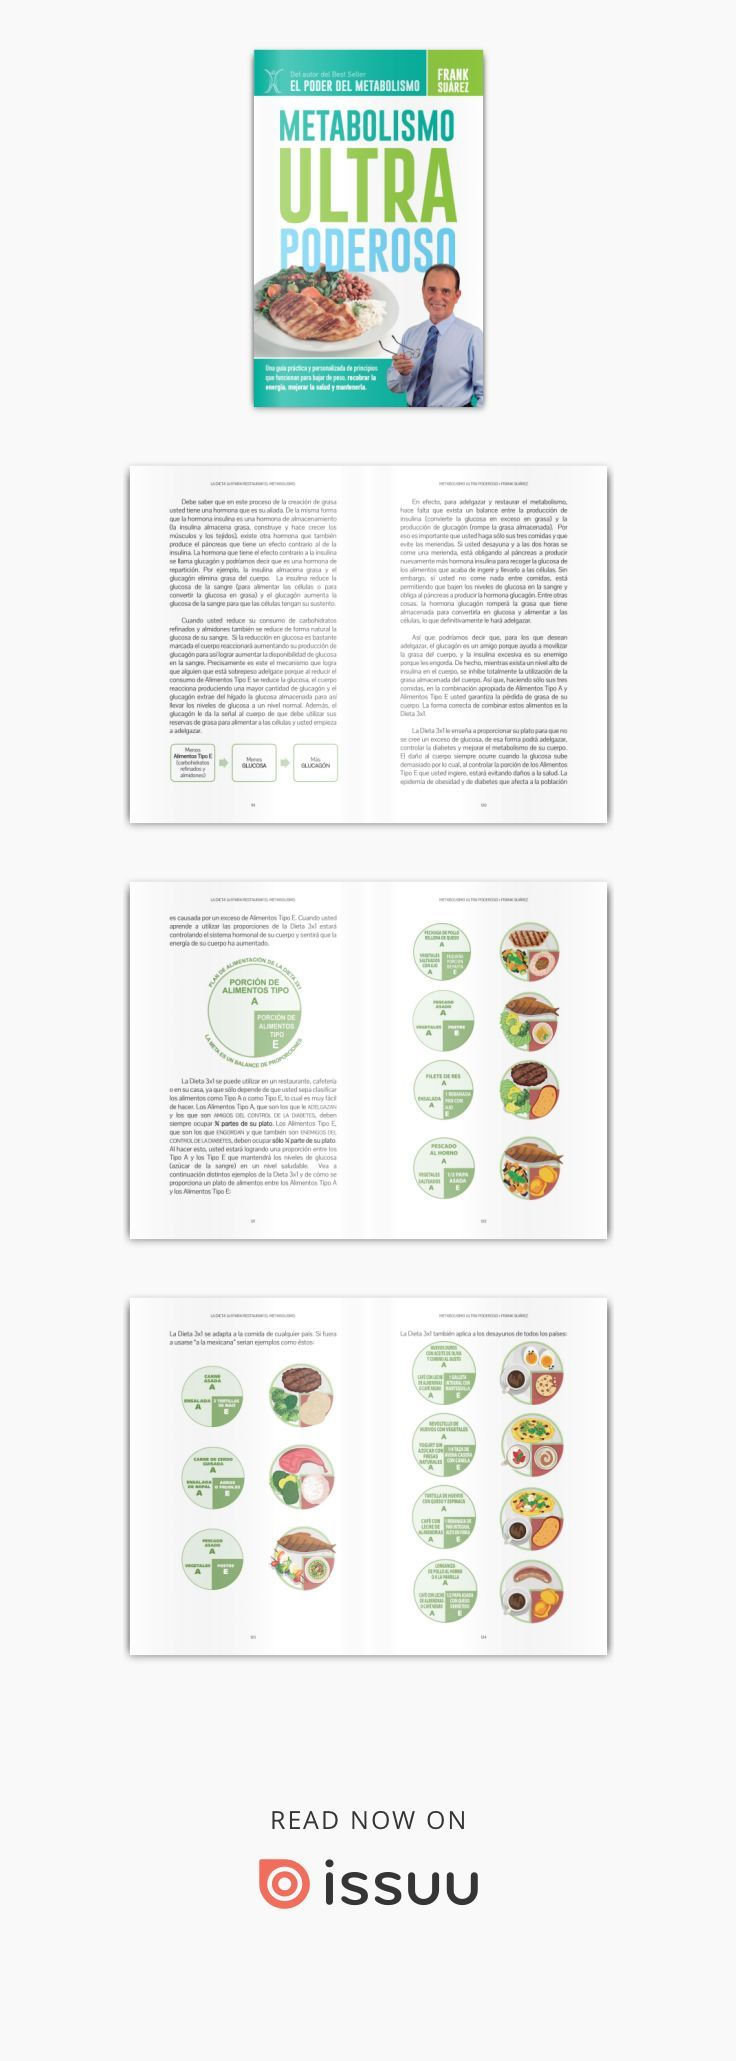 18367c Metabolismo Planificación De Comidas Nutrición